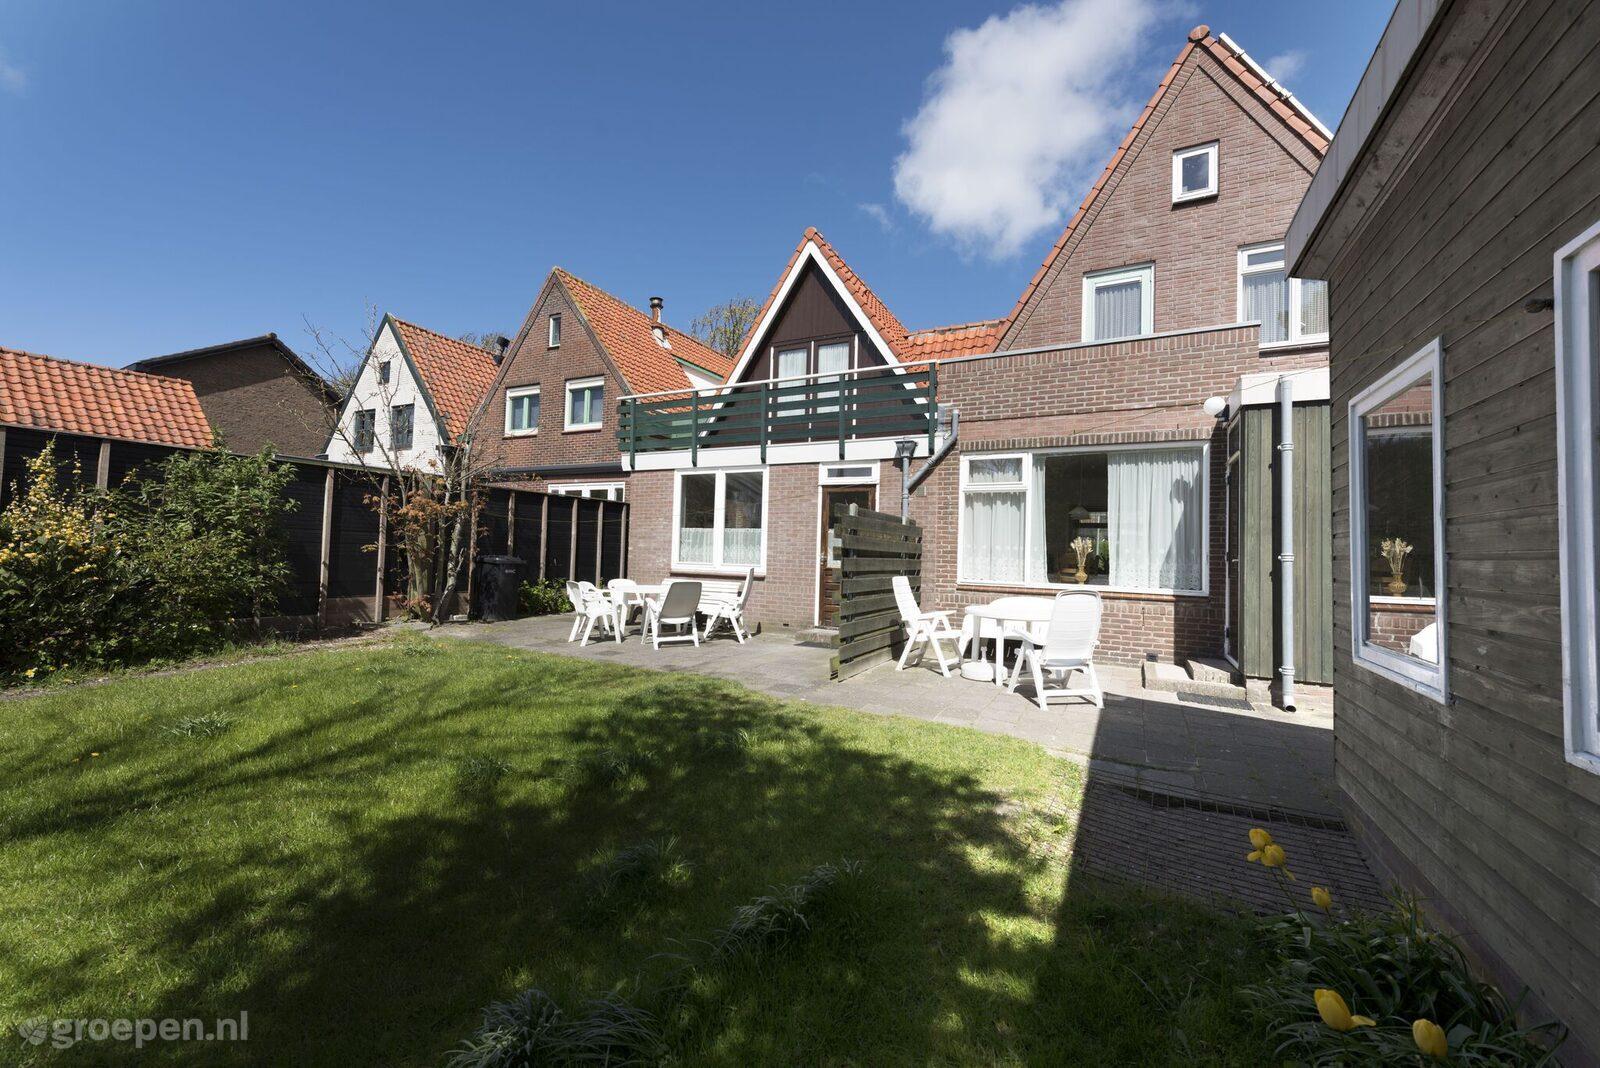 Vakantiehuis Egmond aan Zee